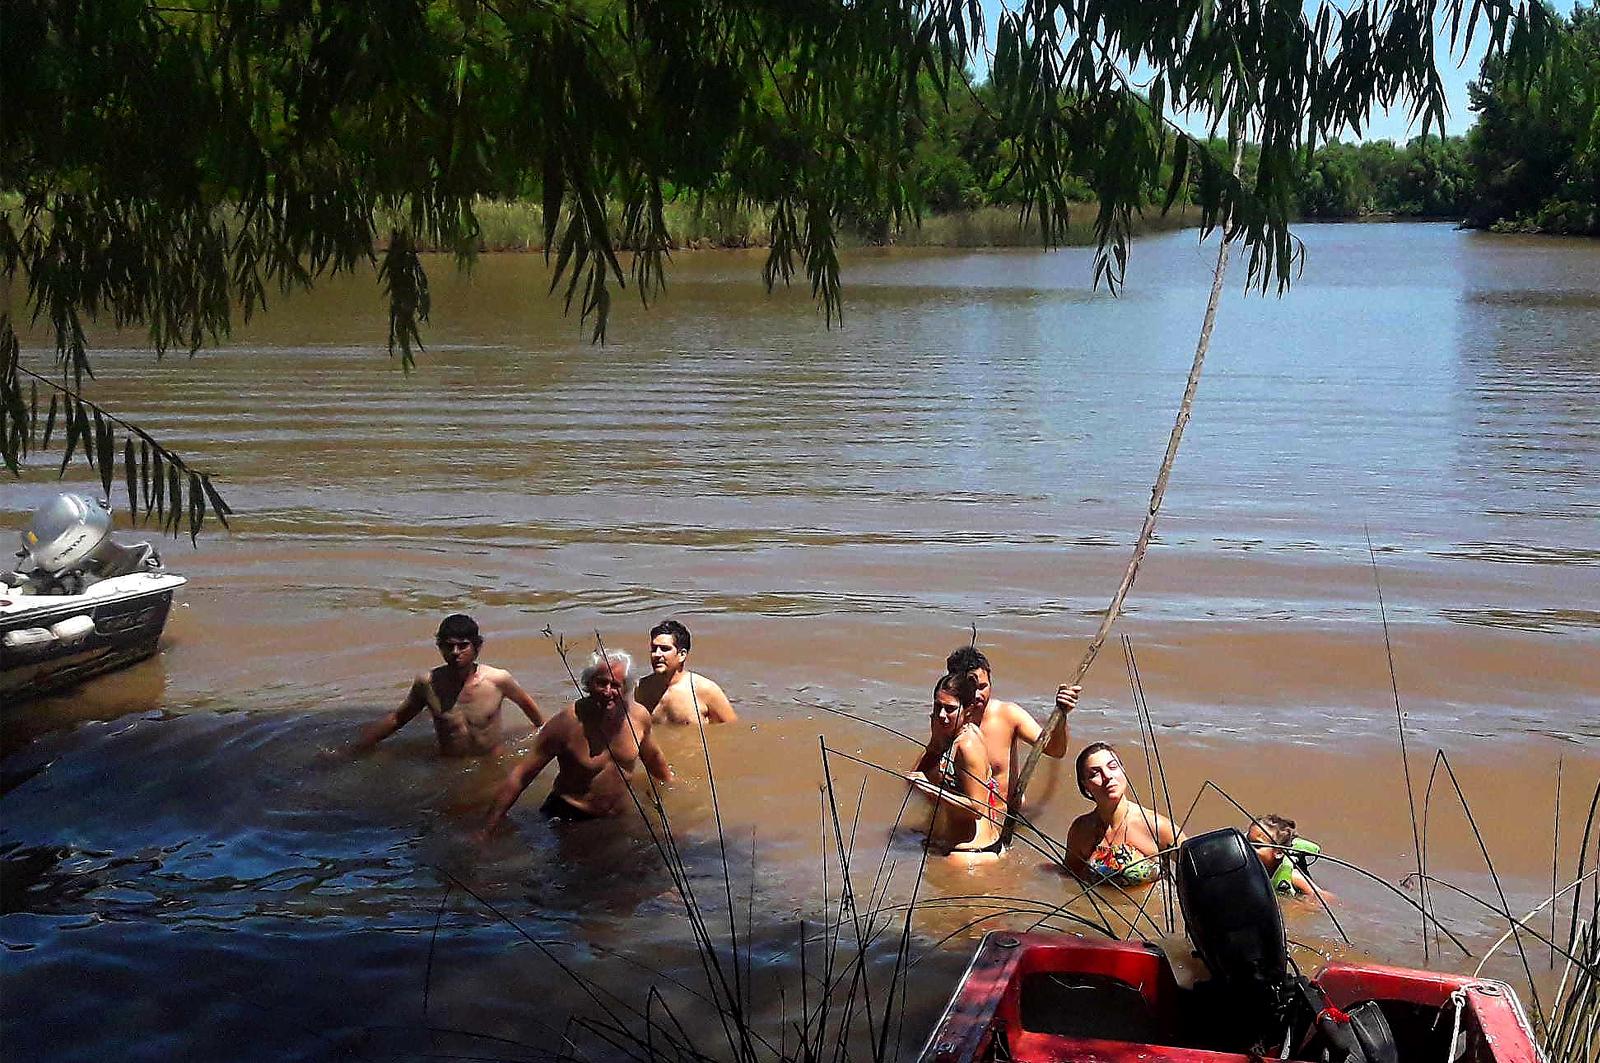 Refrescándonos en el arroyo